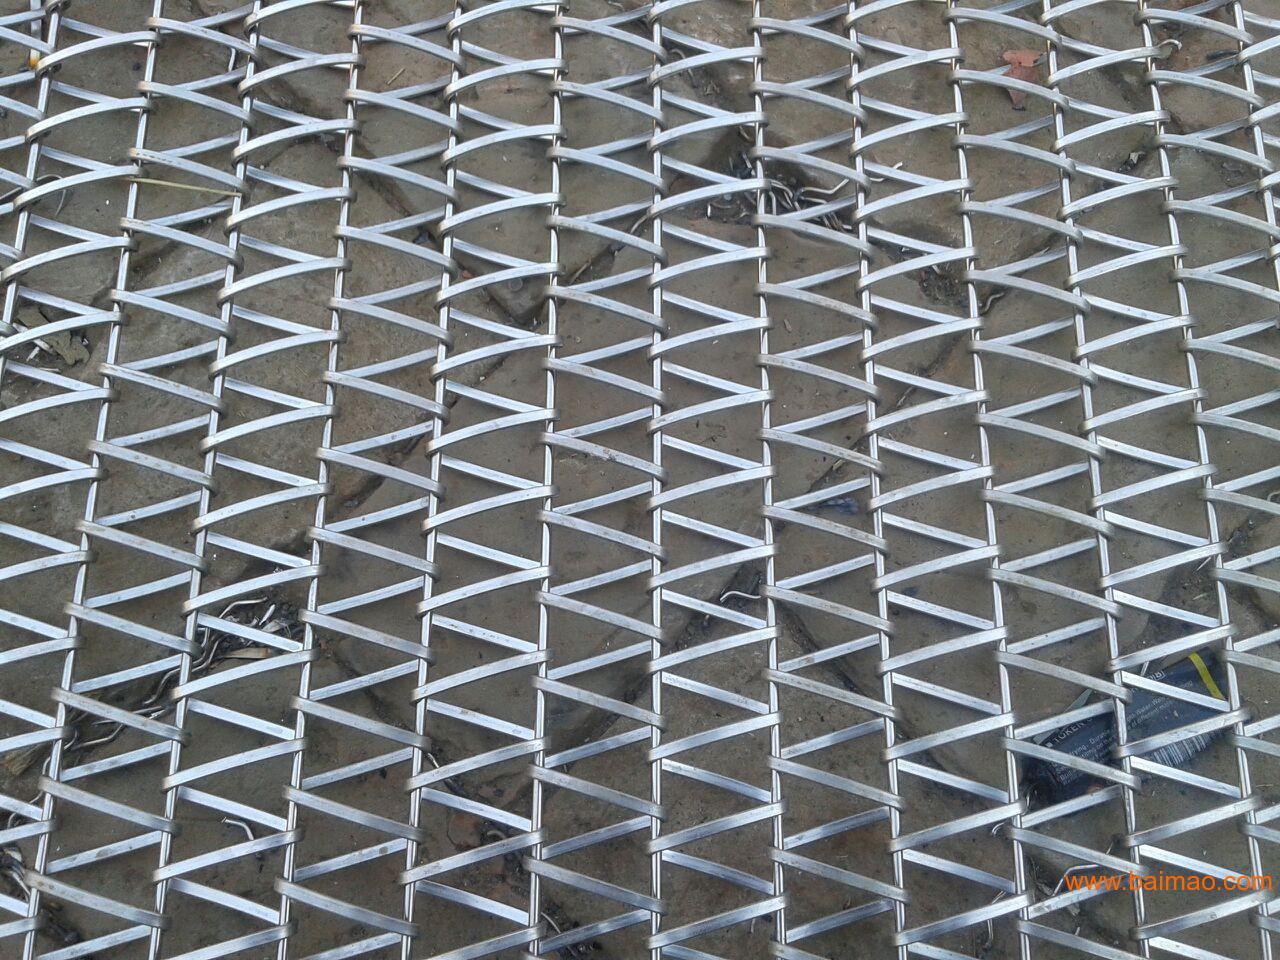 扁丝网带生产厂家 云南扁丝网带生产厂家 官渡区扁丝网带价格  国内扁